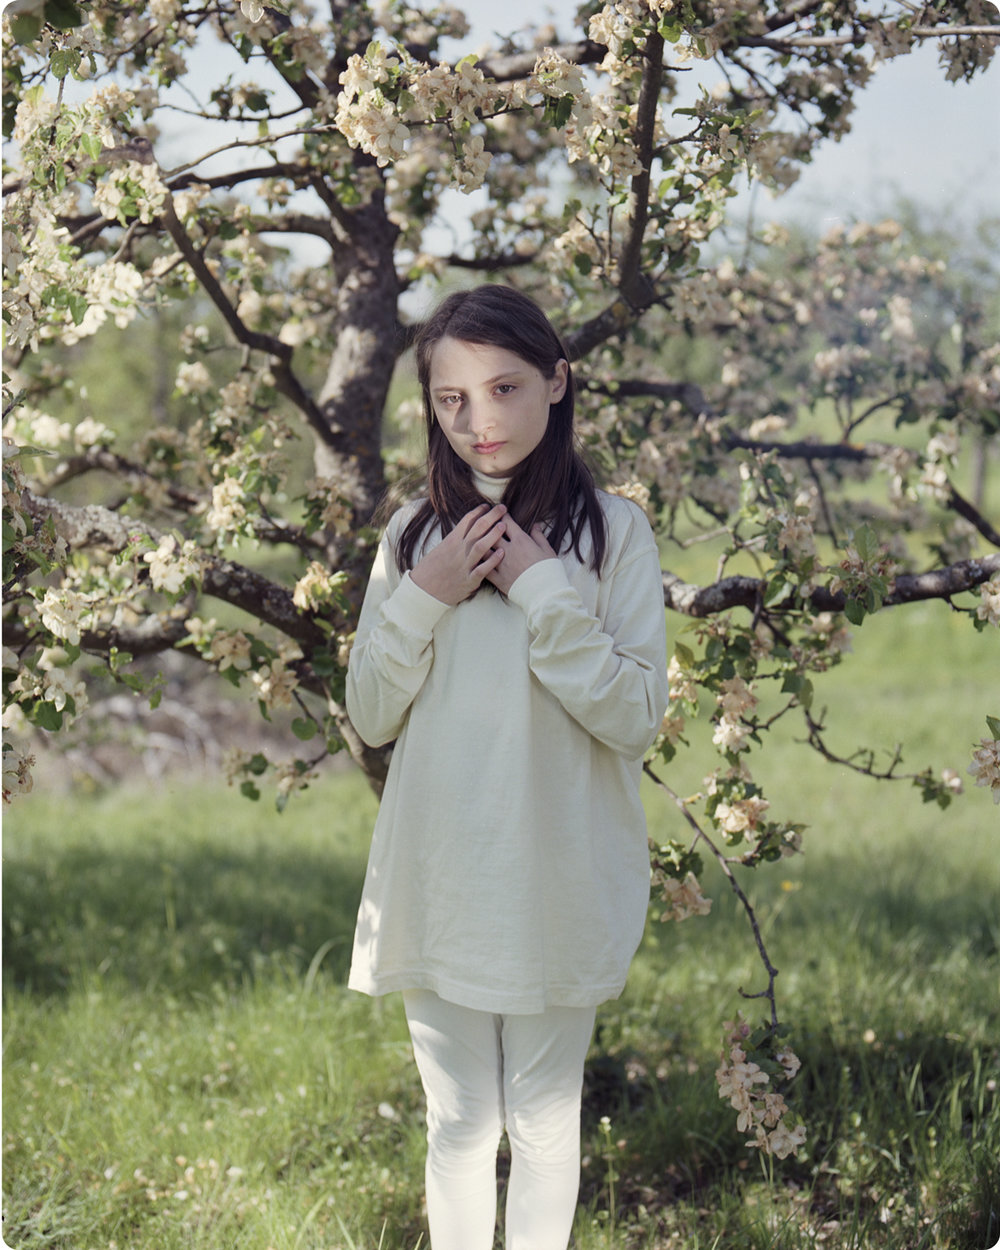 Cherryblossom Girl 1